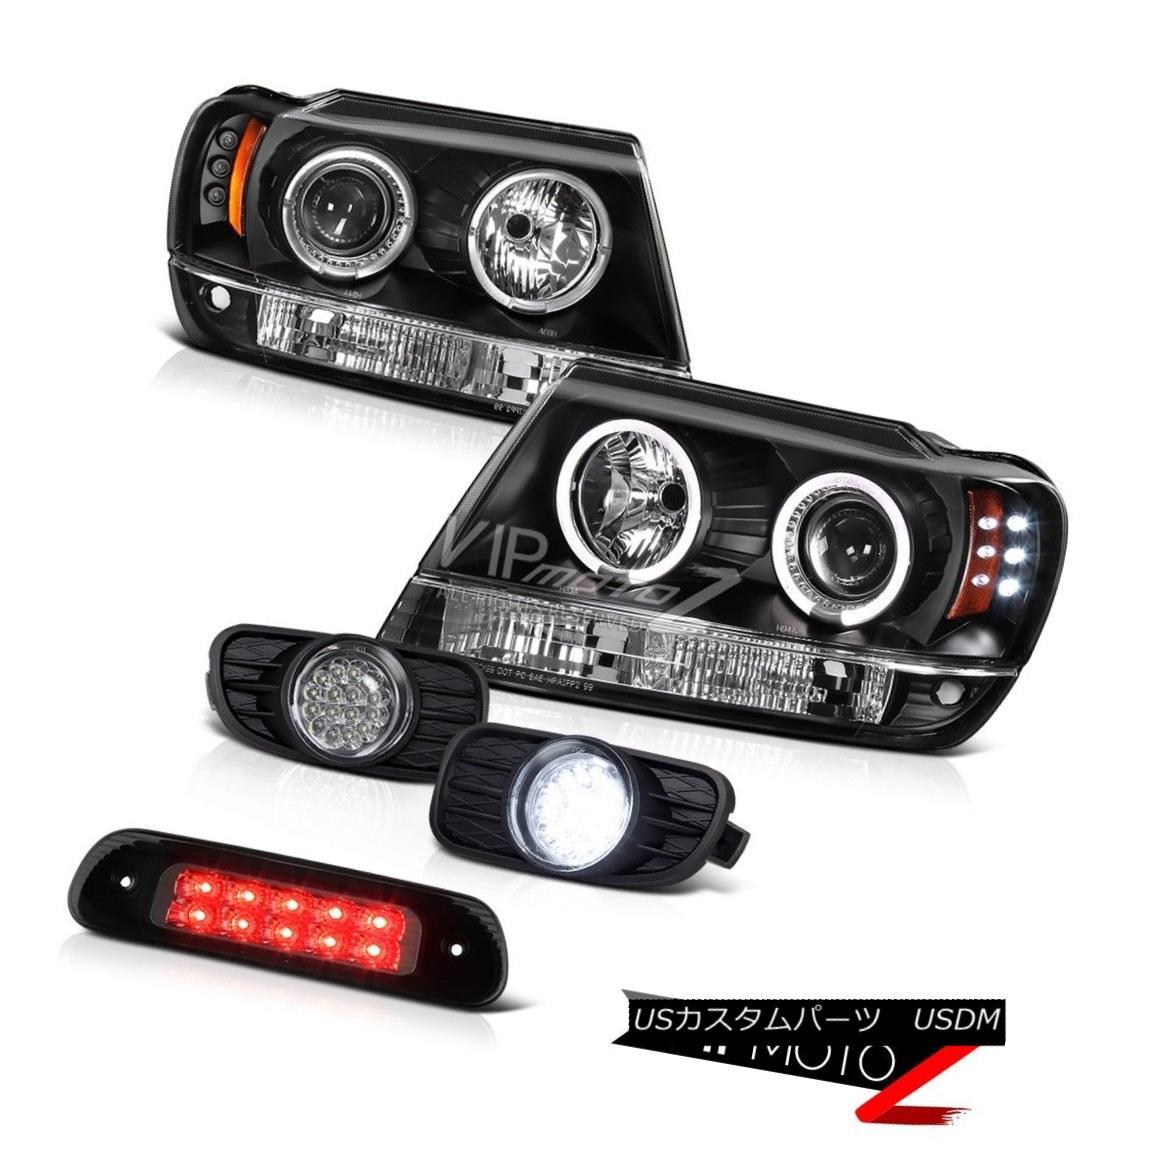 テールライト 99-03 Jeep Grand Cherokee 4WD Smoked 3RD Brake Light Fog Lights Headlights Smd 99-03ジープグランドチェロキー4WDスモーク3RDブレーキライトフォグライティングヘッドライトSmd